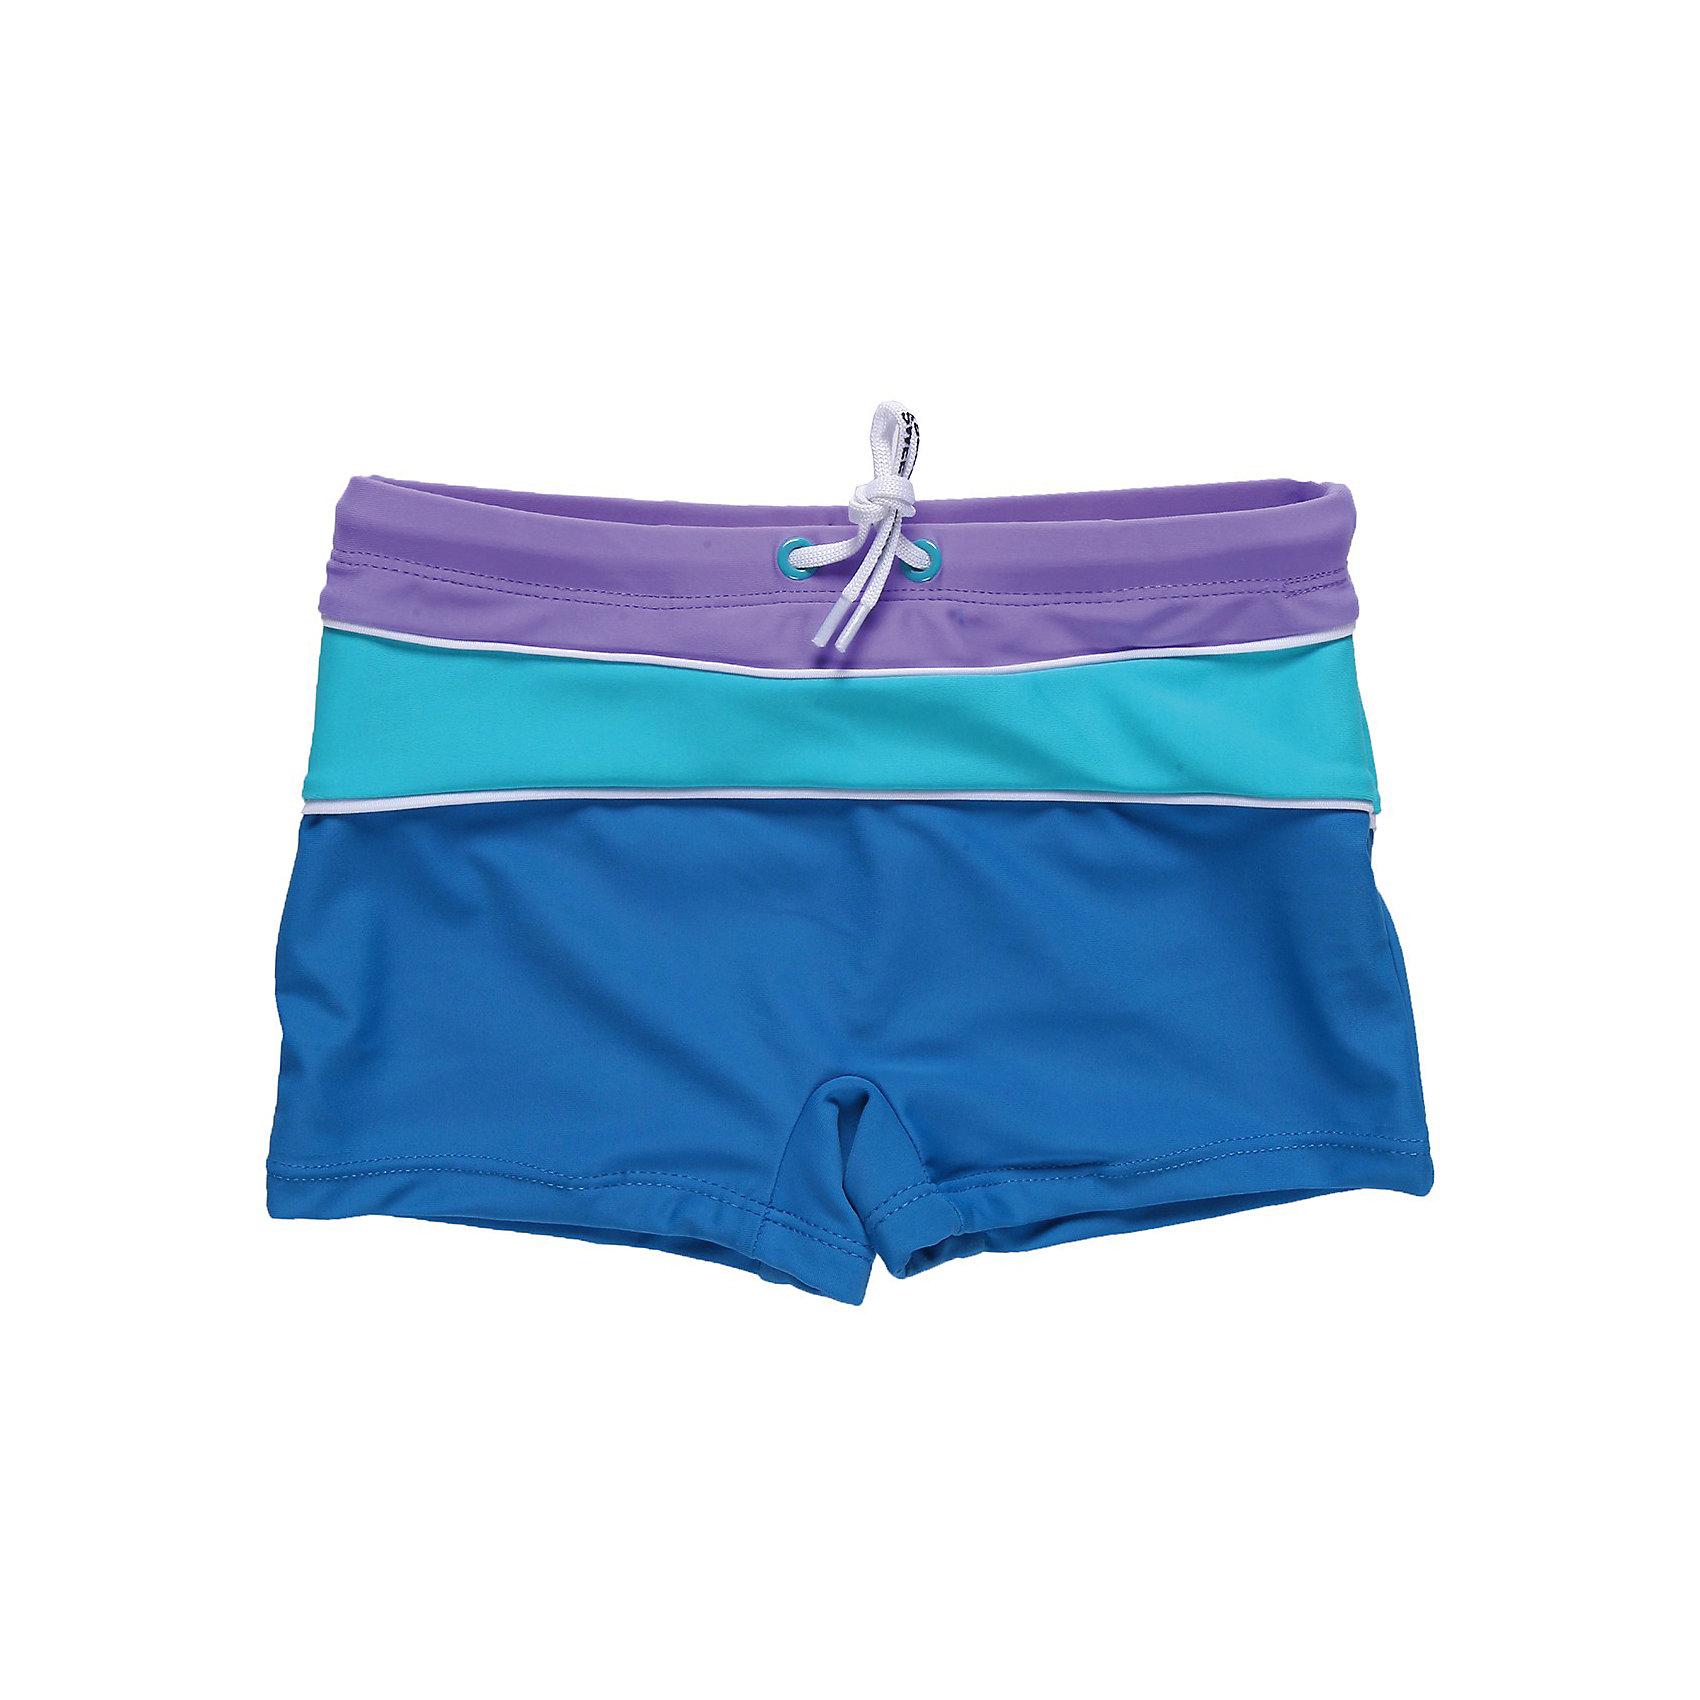 Плавки для мальчика Sweet BerryЯркие плавки-шорты для мальчика, модель комфортной посадки, выполнены из ткани трех цветов.<br>Состав:<br>85% нейлон    15% эластан<br><br>Ширина мм: 183<br>Глубина мм: 60<br>Высота мм: 135<br>Вес г: 119<br>Цвет: разноцветный<br>Возраст от месяцев: 84<br>Возраст до месяцев: 96<br>Пол: Мужской<br>Возраст: Детский<br>Размер: 128,98,104,140,110,116<br>SKU: 4523083